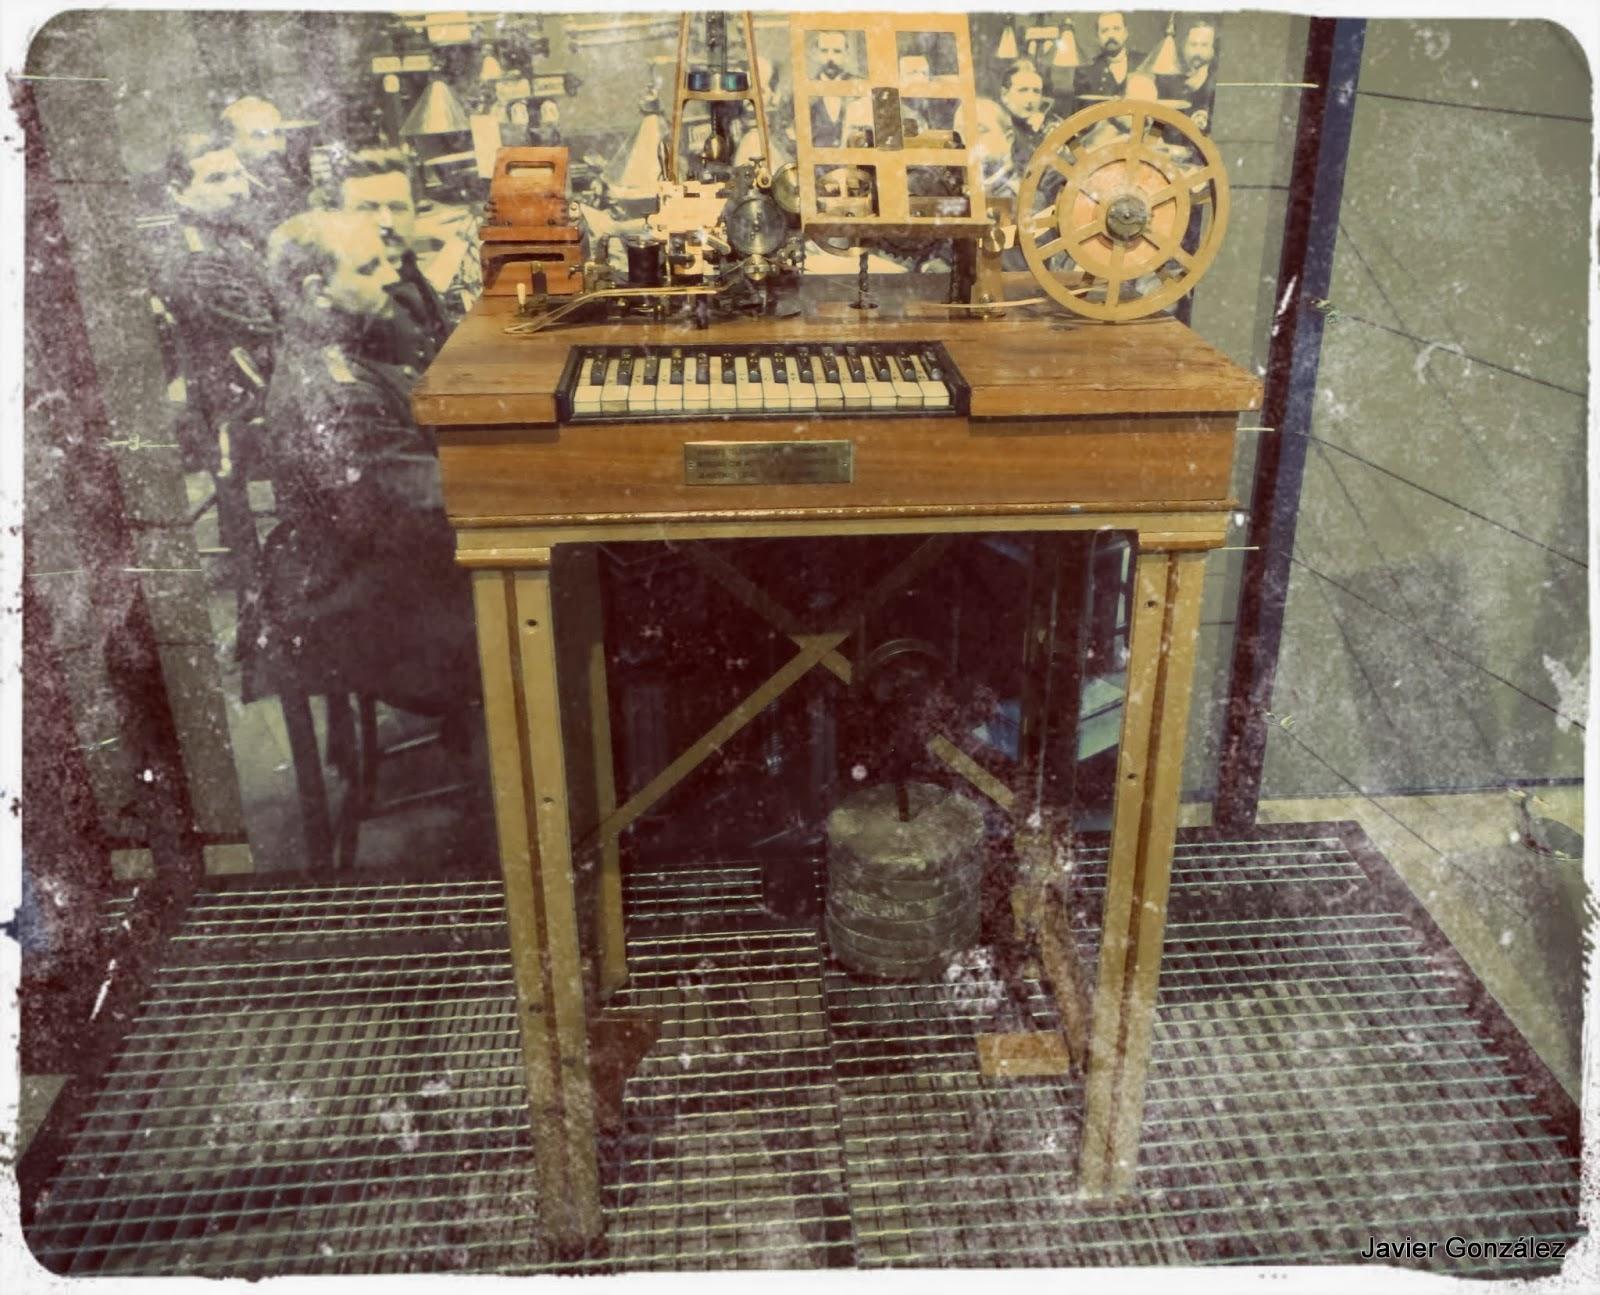 1855 - Telégrafo de impresión directa 1855 - Direct Printing Telegraph